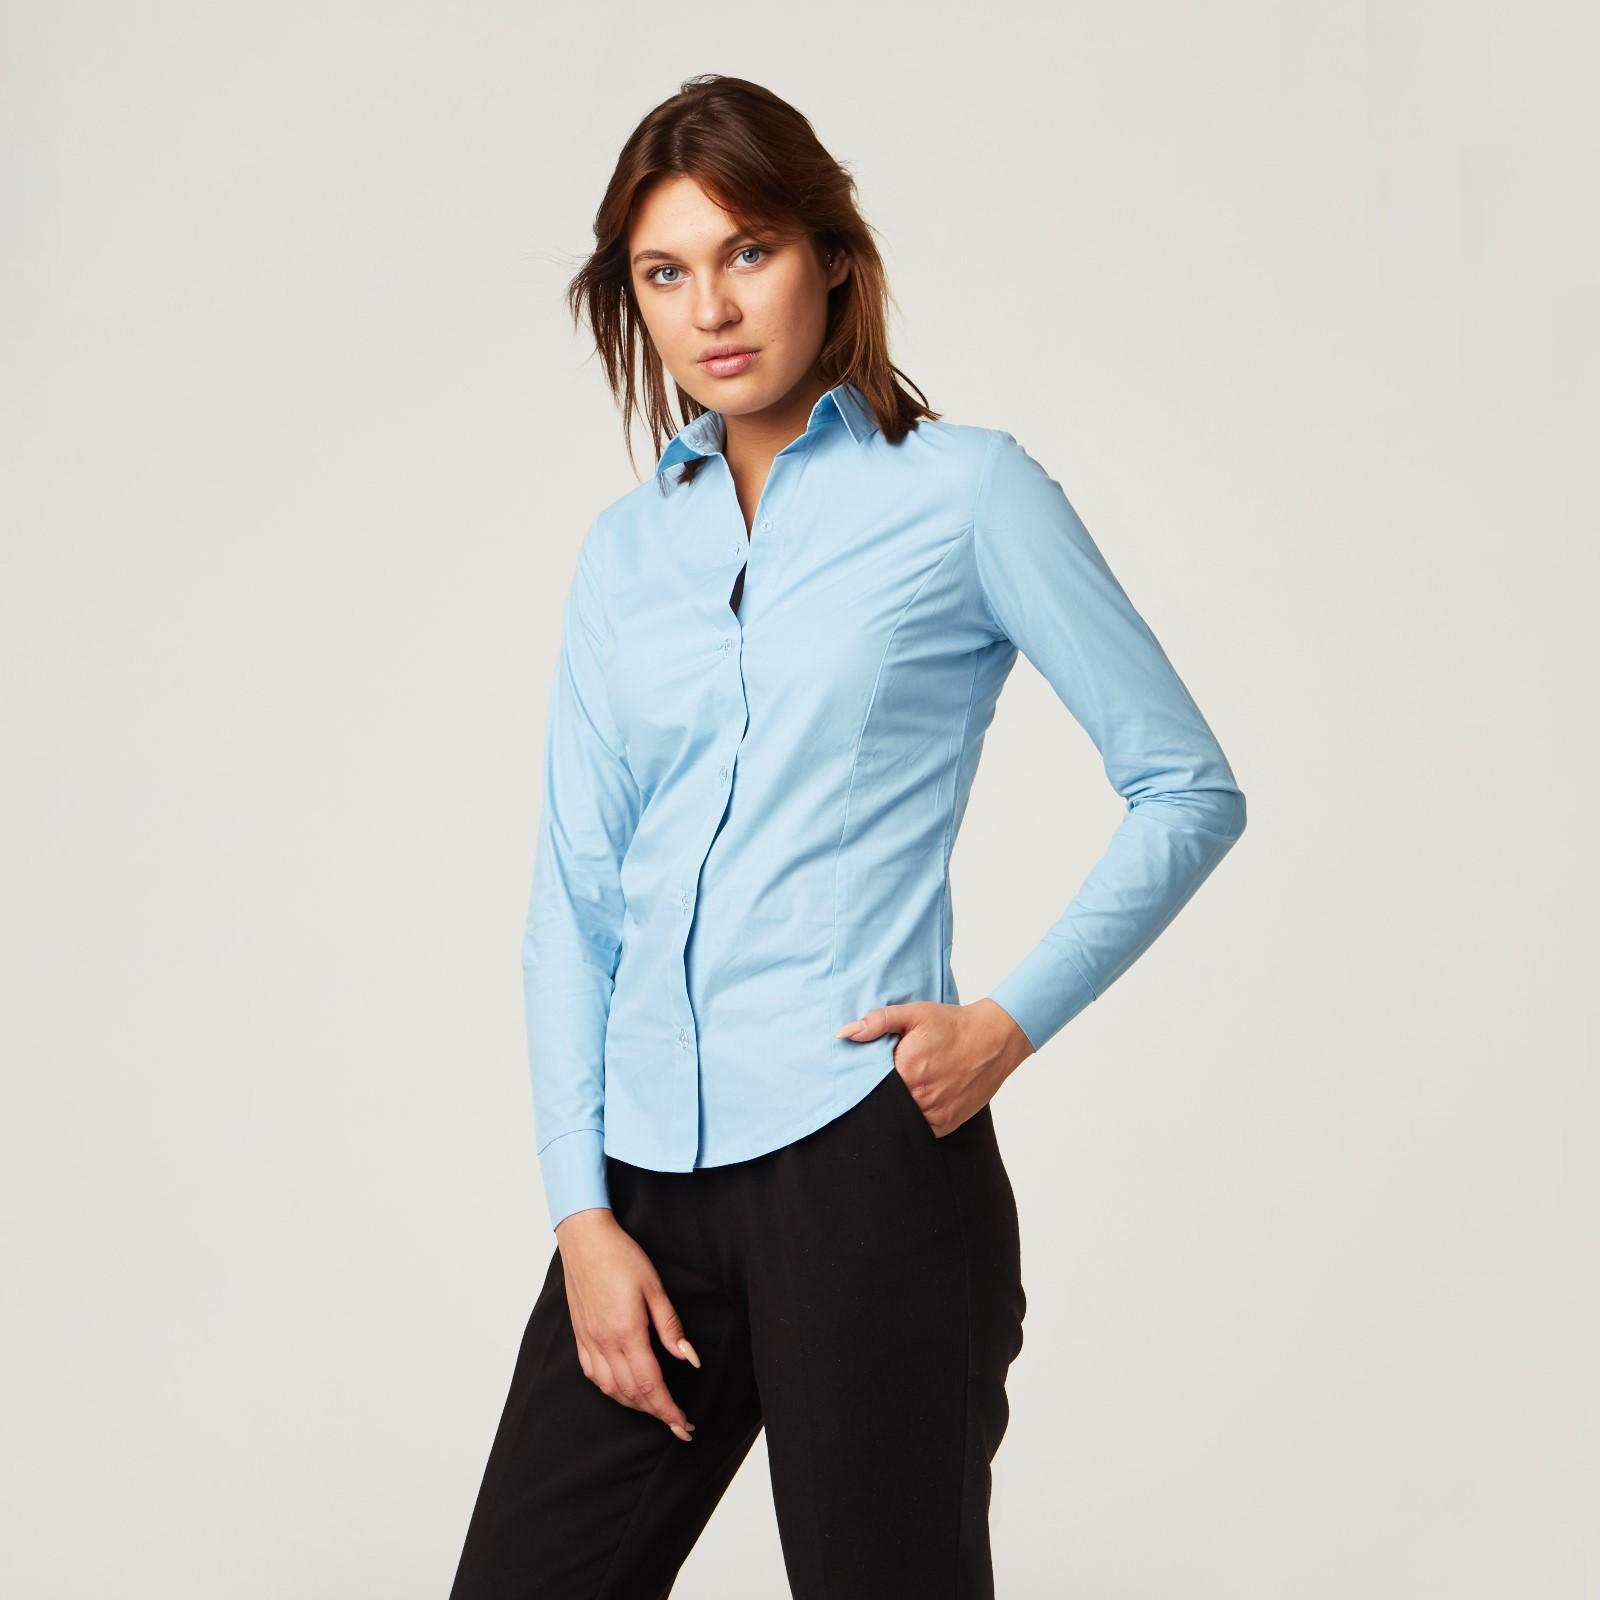 3fccbdce91b0 Рубашка женская с рельефами, размер 40, голубой, хлопок 100 ...